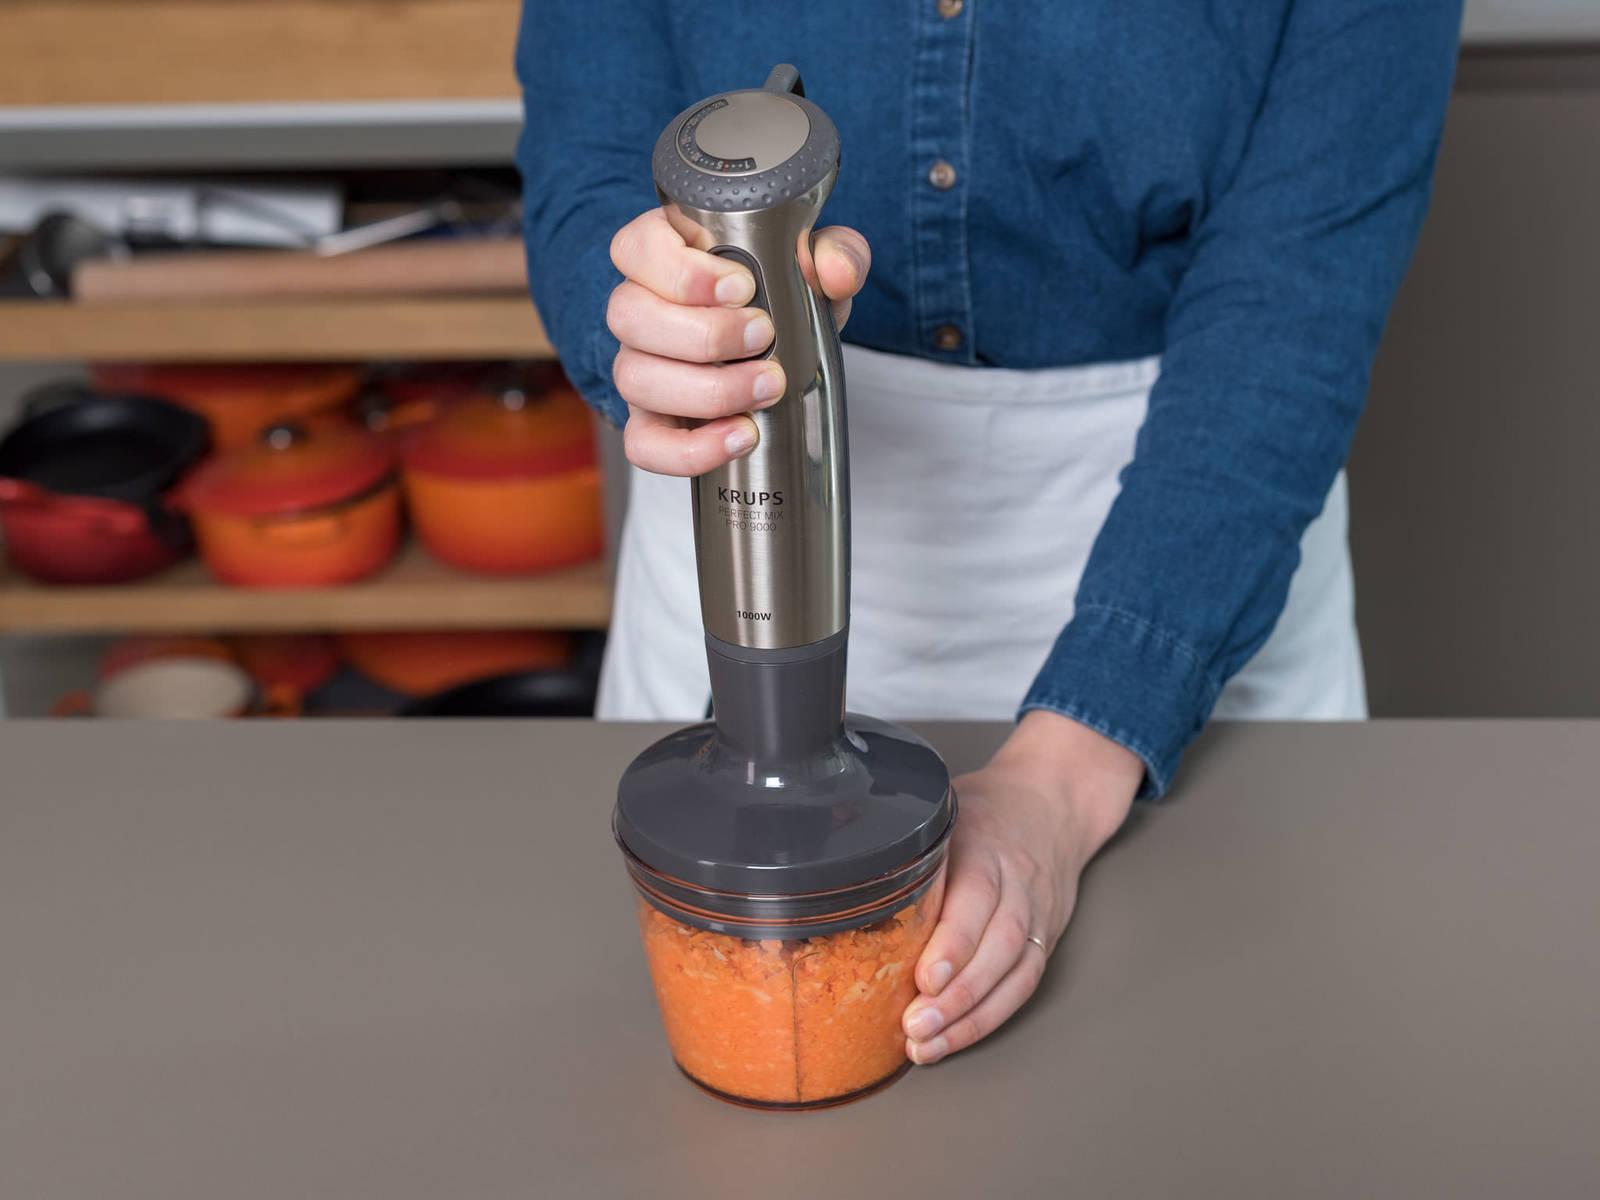 将生姜和剩余的胡萝卜削皮,用作酱汁。胡萝卜切半或切成四瓣,好放入料理机。将胡萝卜和生姜一同放入料理机中,搅打成细粒状。加入味增酱、橄榄油、米醋、蜂蜜、芝麻油和些许水,搅打至形成浓稠酱汁。如有需要,可加入更多水,调节酱汁浓度。